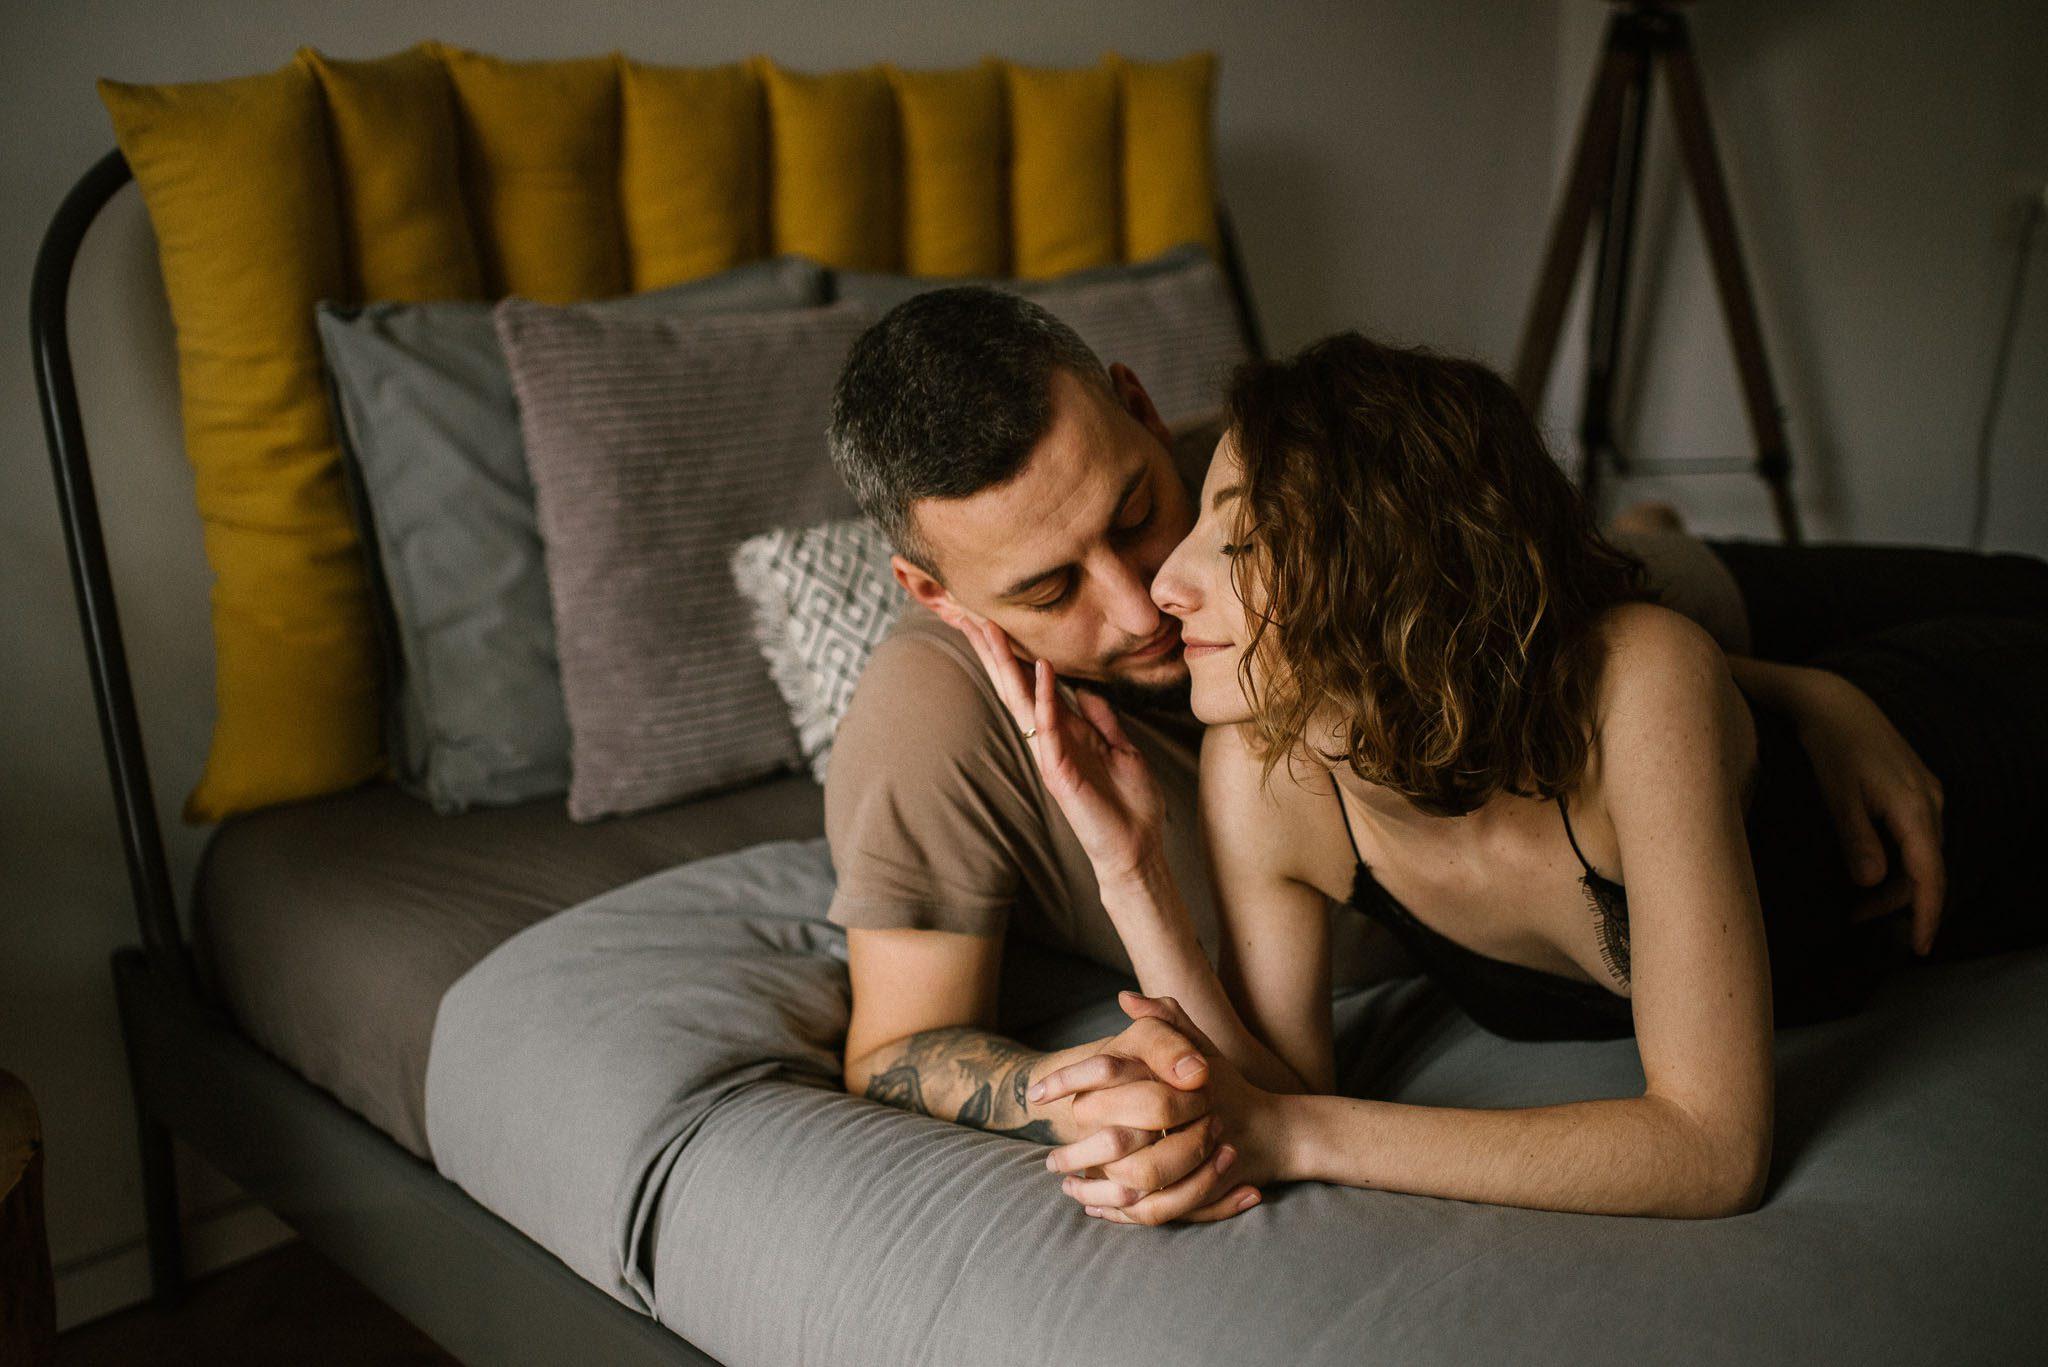 Małżeństwo leży na łóżku i patrzy na siebie - sesja sensualna pary lifestyle w Poznaniu